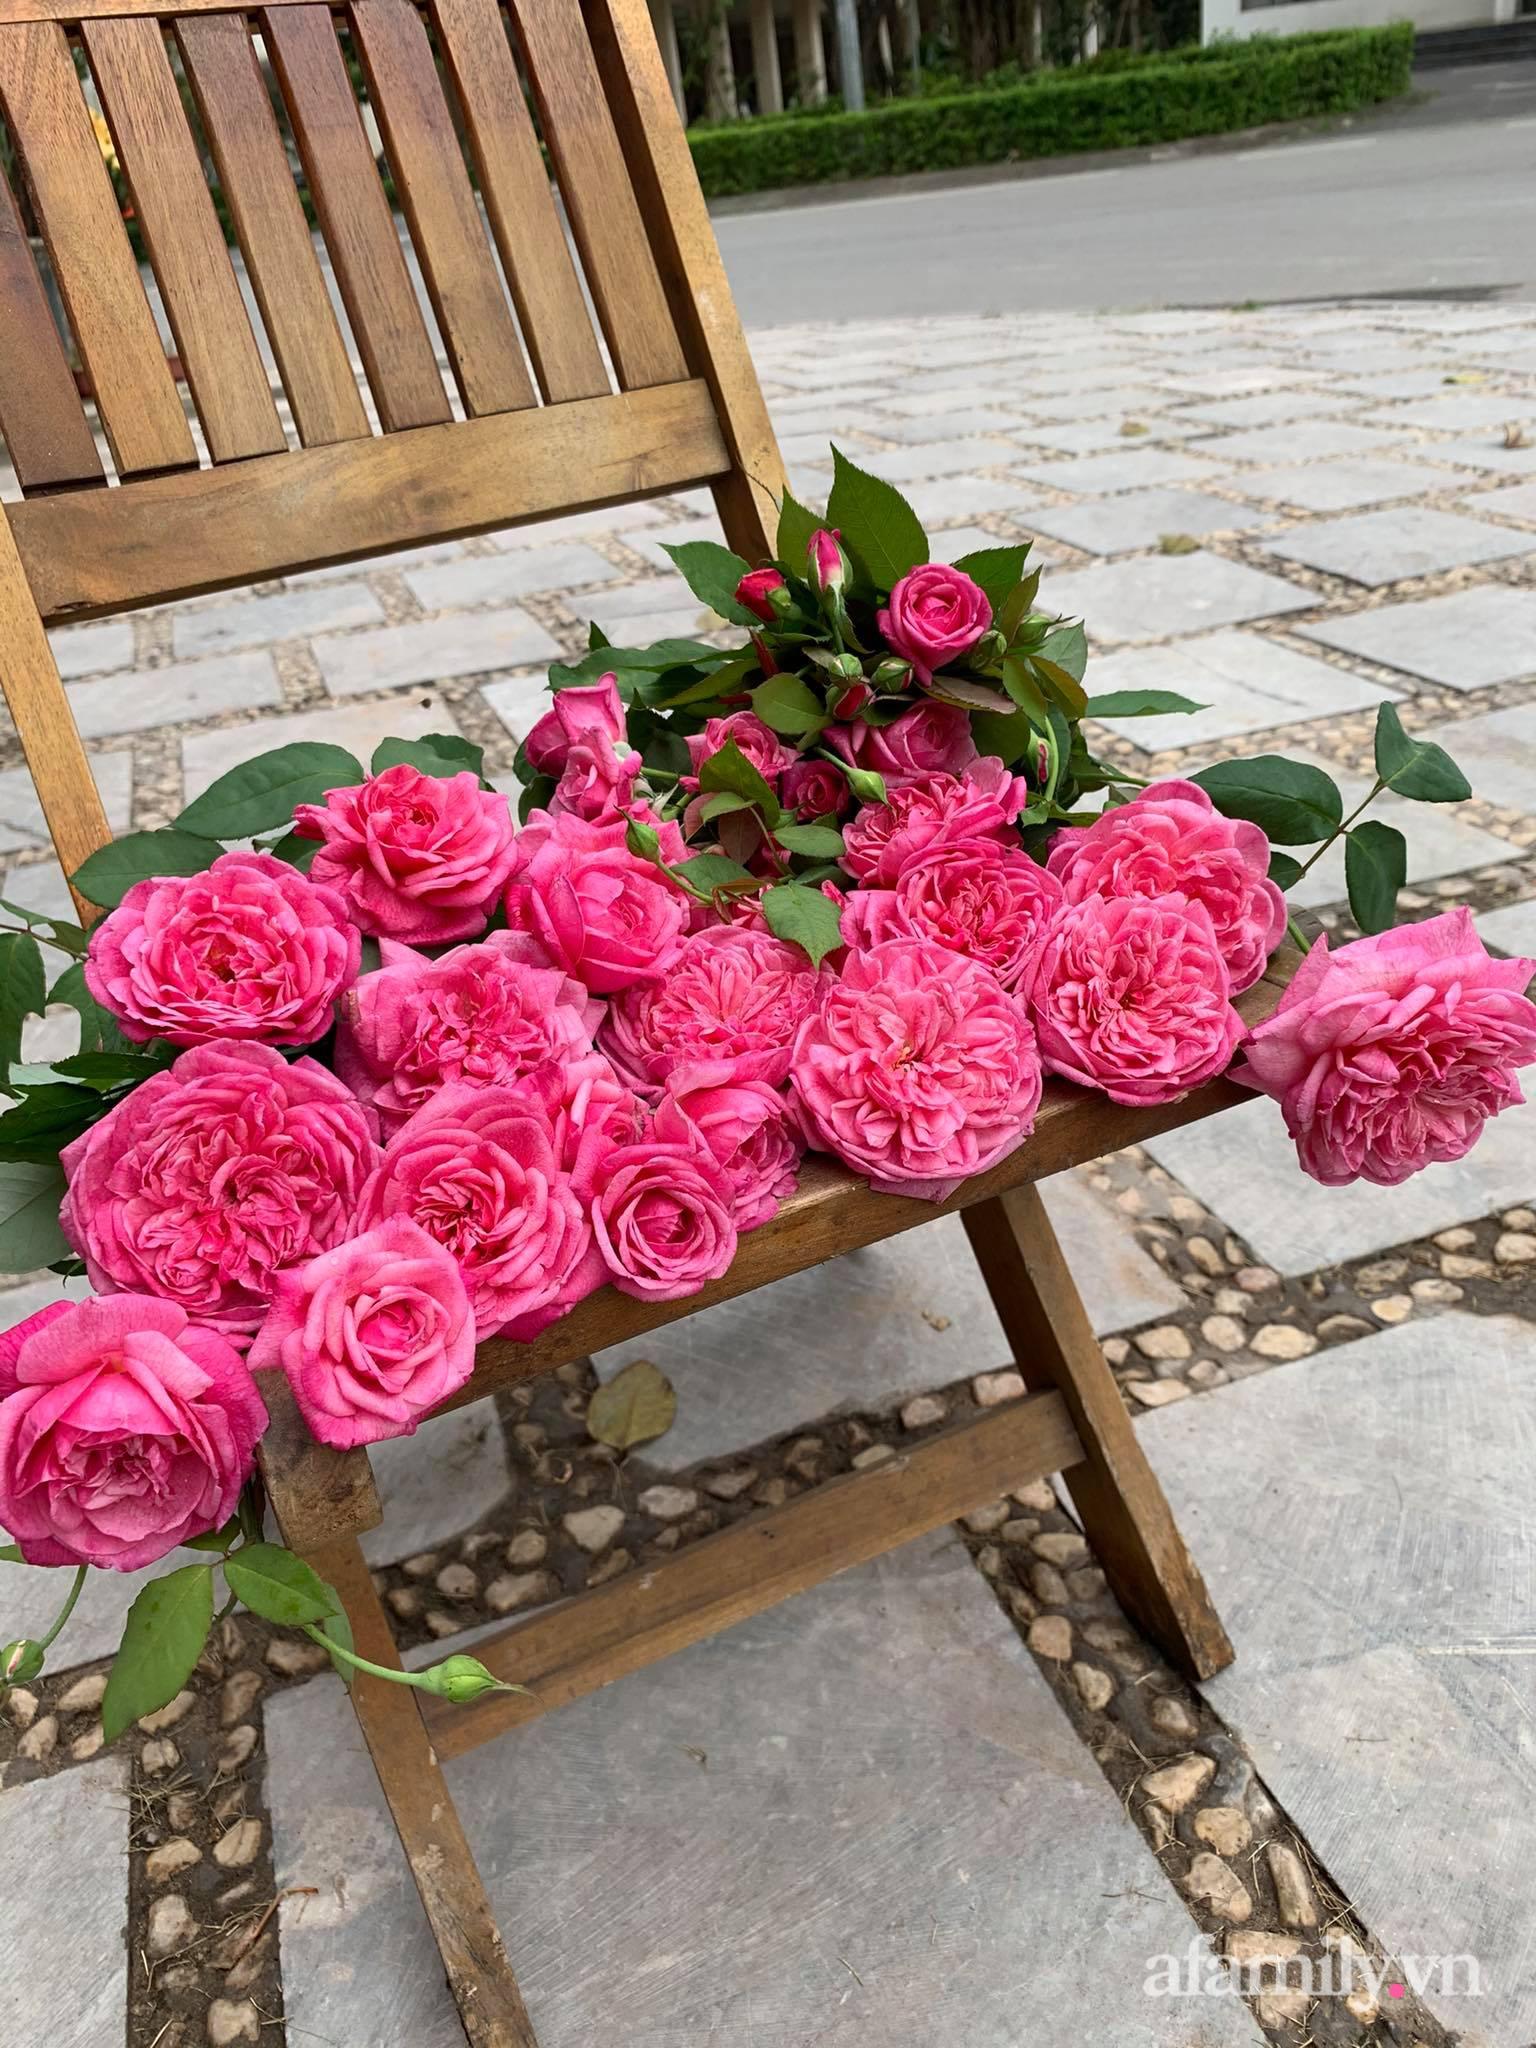 Ngôi nhà quanh năm rực rỡ sắc hương hoa hồng và đủ loại cây ăn quả ở Hà Nội - Ảnh 11.